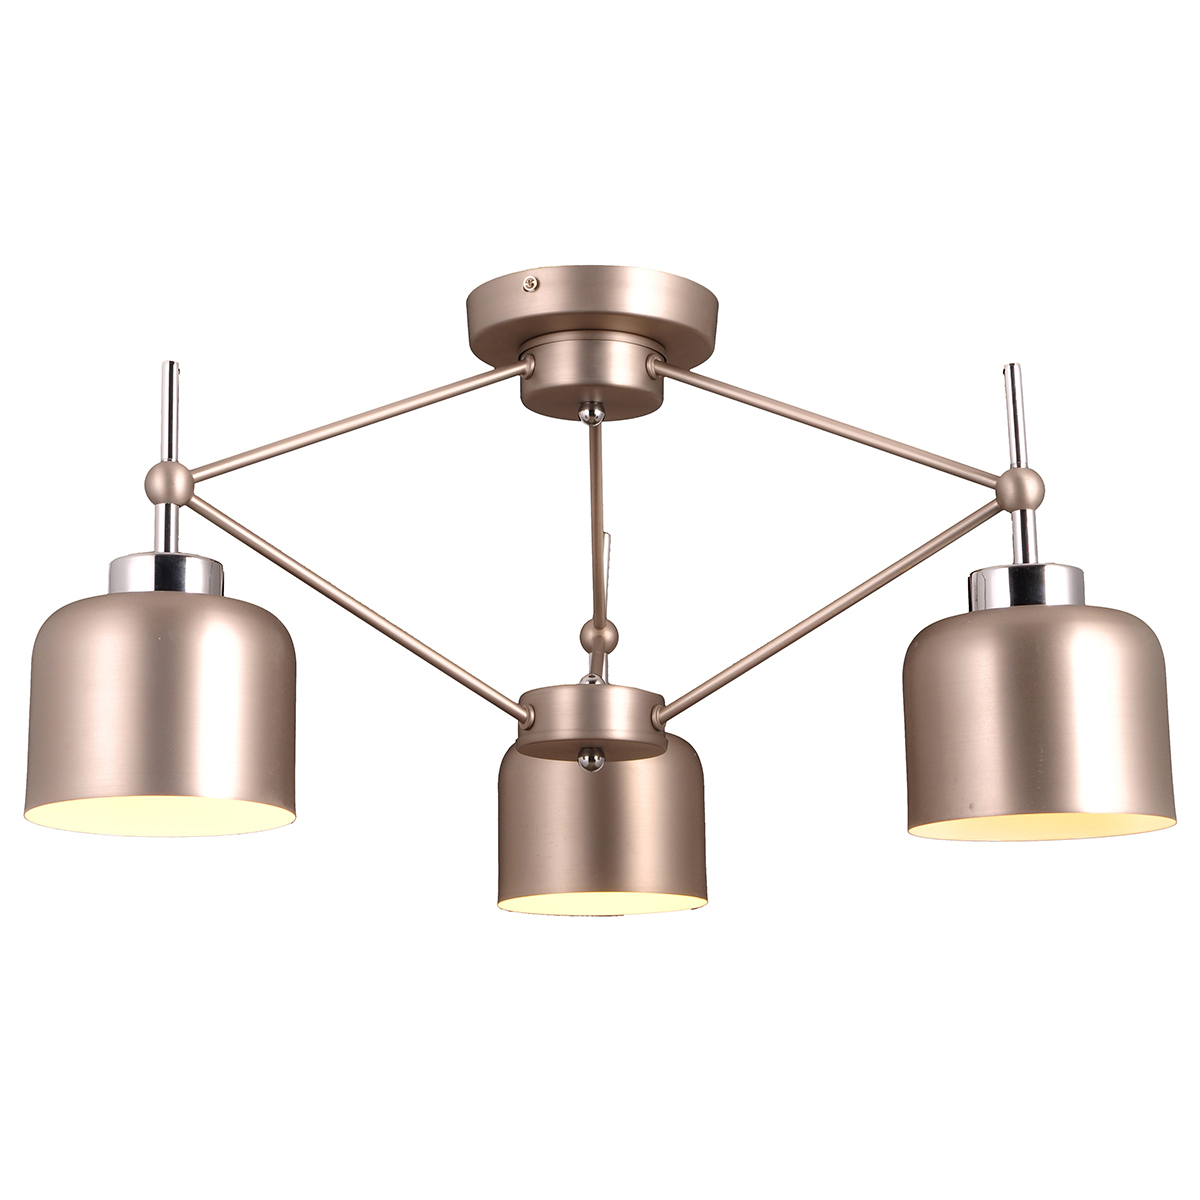 Стиль модерн характеризуется изогнутыми, несимметричными и грациозными линиями. Очень стильно данные светильники смотрятся в интерьере, в основе которых лежат нестандартные решения.  Если Вы любитель всего оригинального, нового, неизбитого, то светильники коллекции Natali Kovaltseva направления МОДЕРН – это Ваш выбор! Размеры: D70 x H31 cm